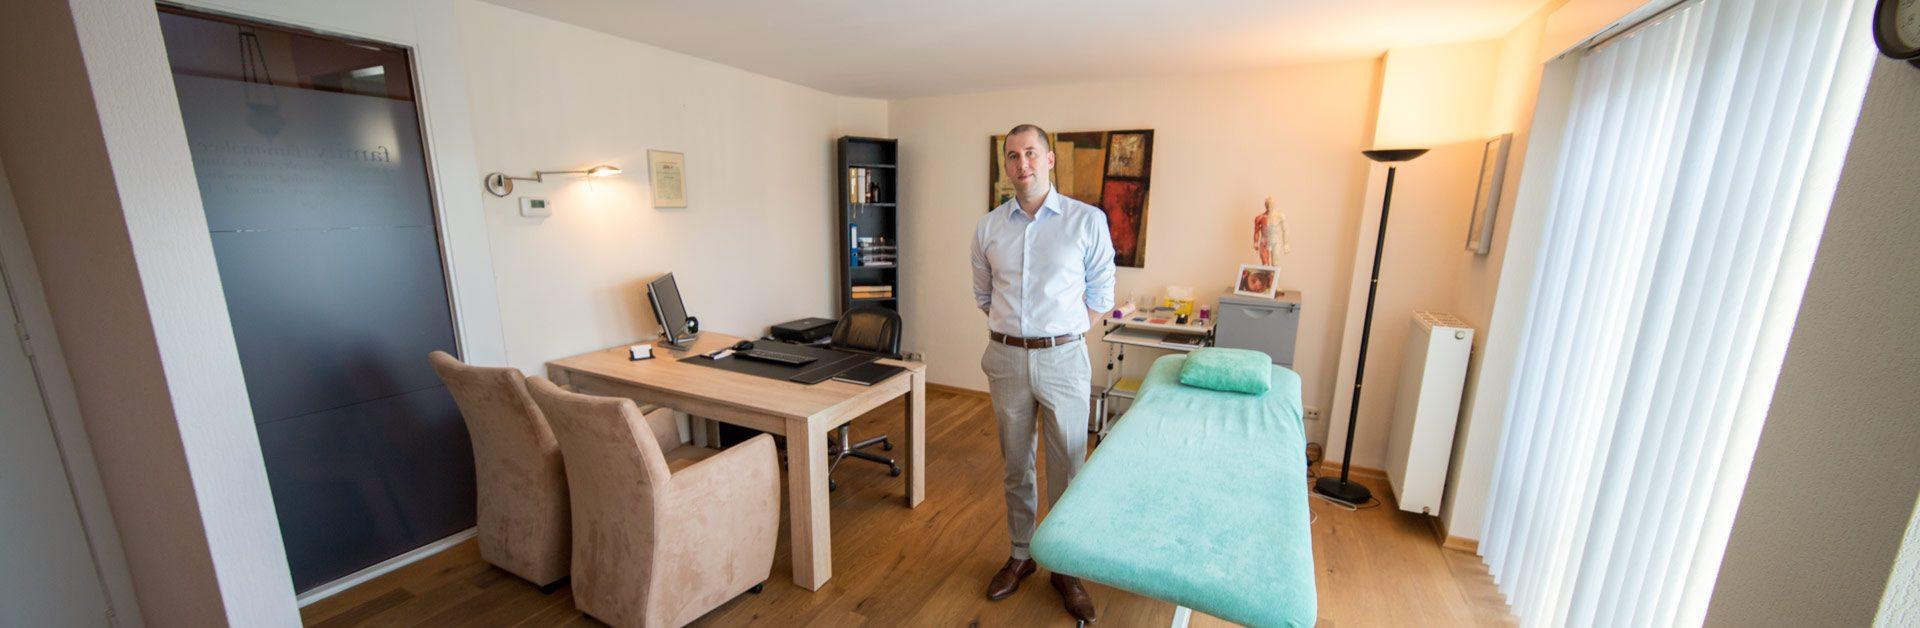 Acupunctuur praktijk Bart Verlinden